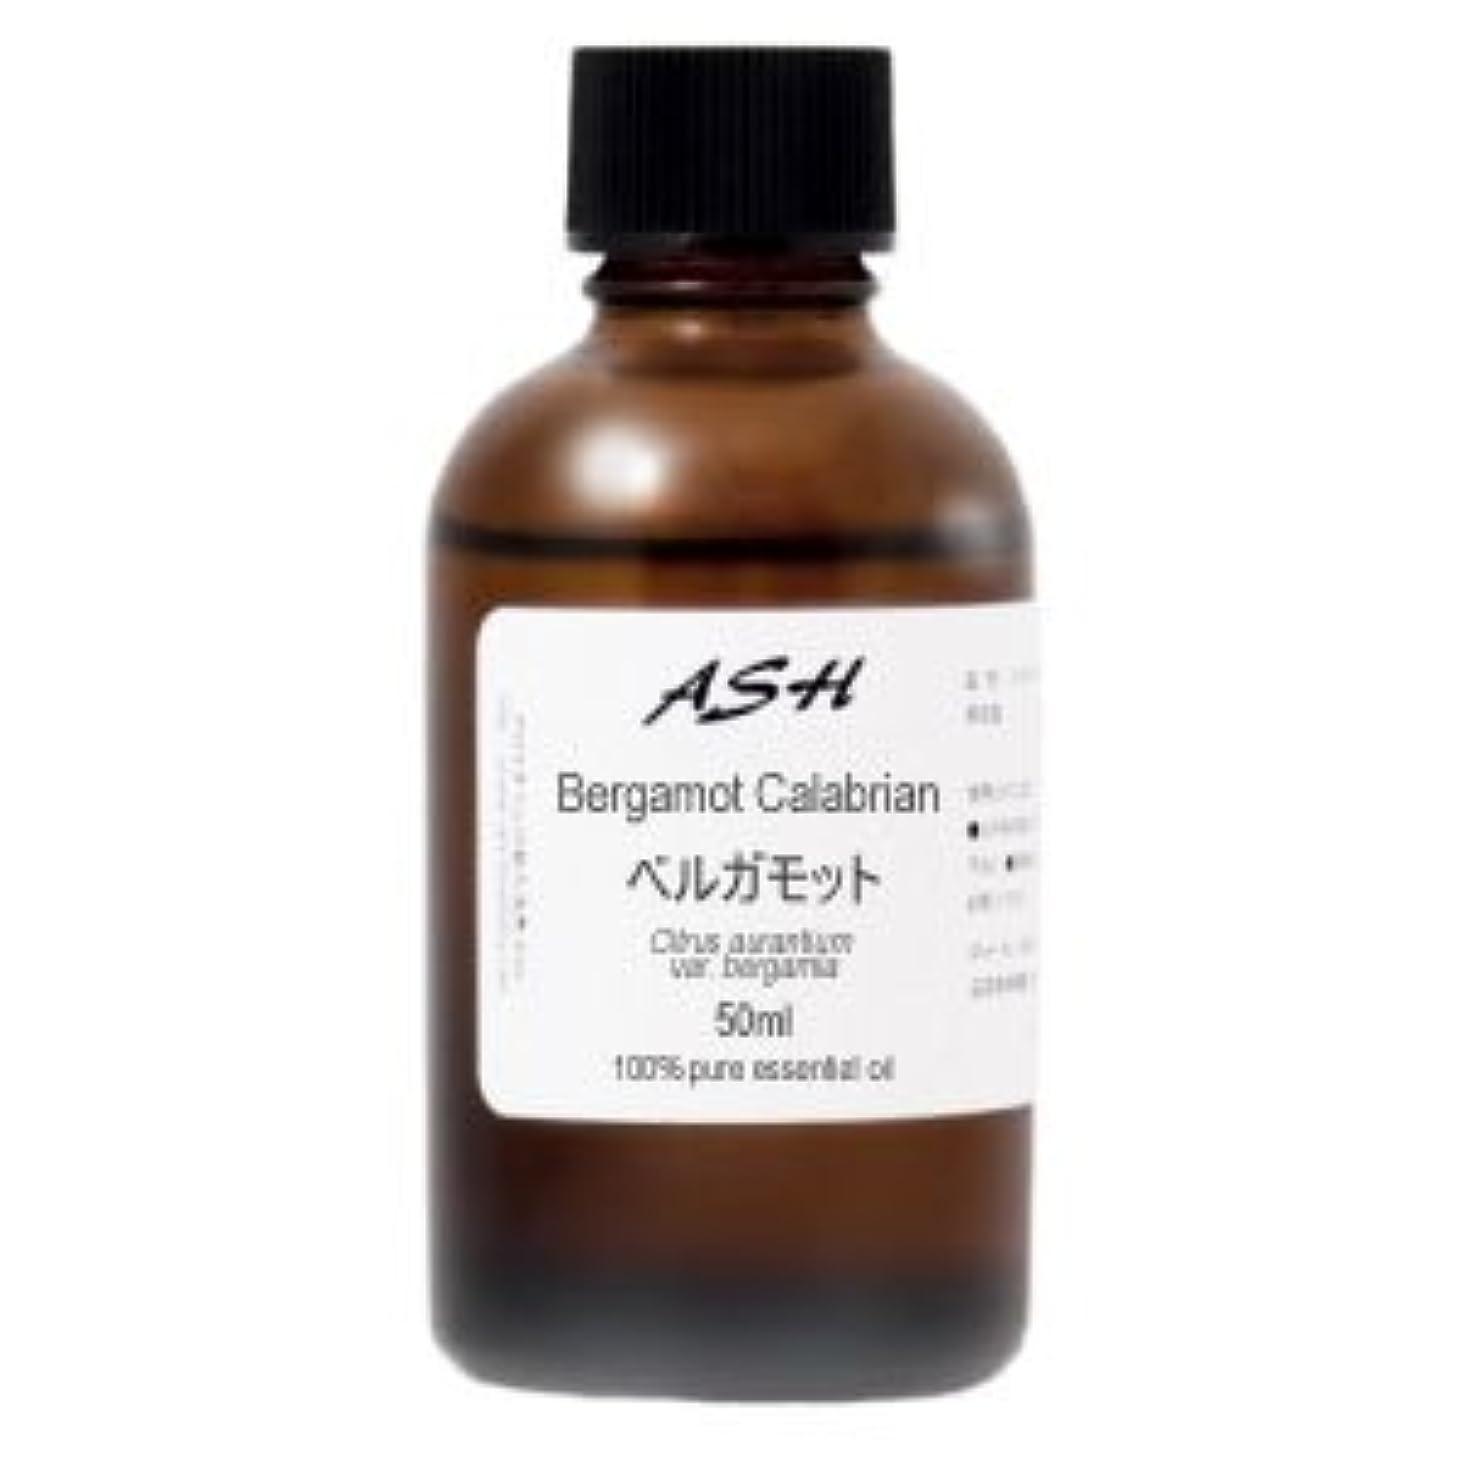 無条件奴隷留め金ASH ベルガモット エッセンシャルオイル 50ml AEAJ表示基準適合認定精油